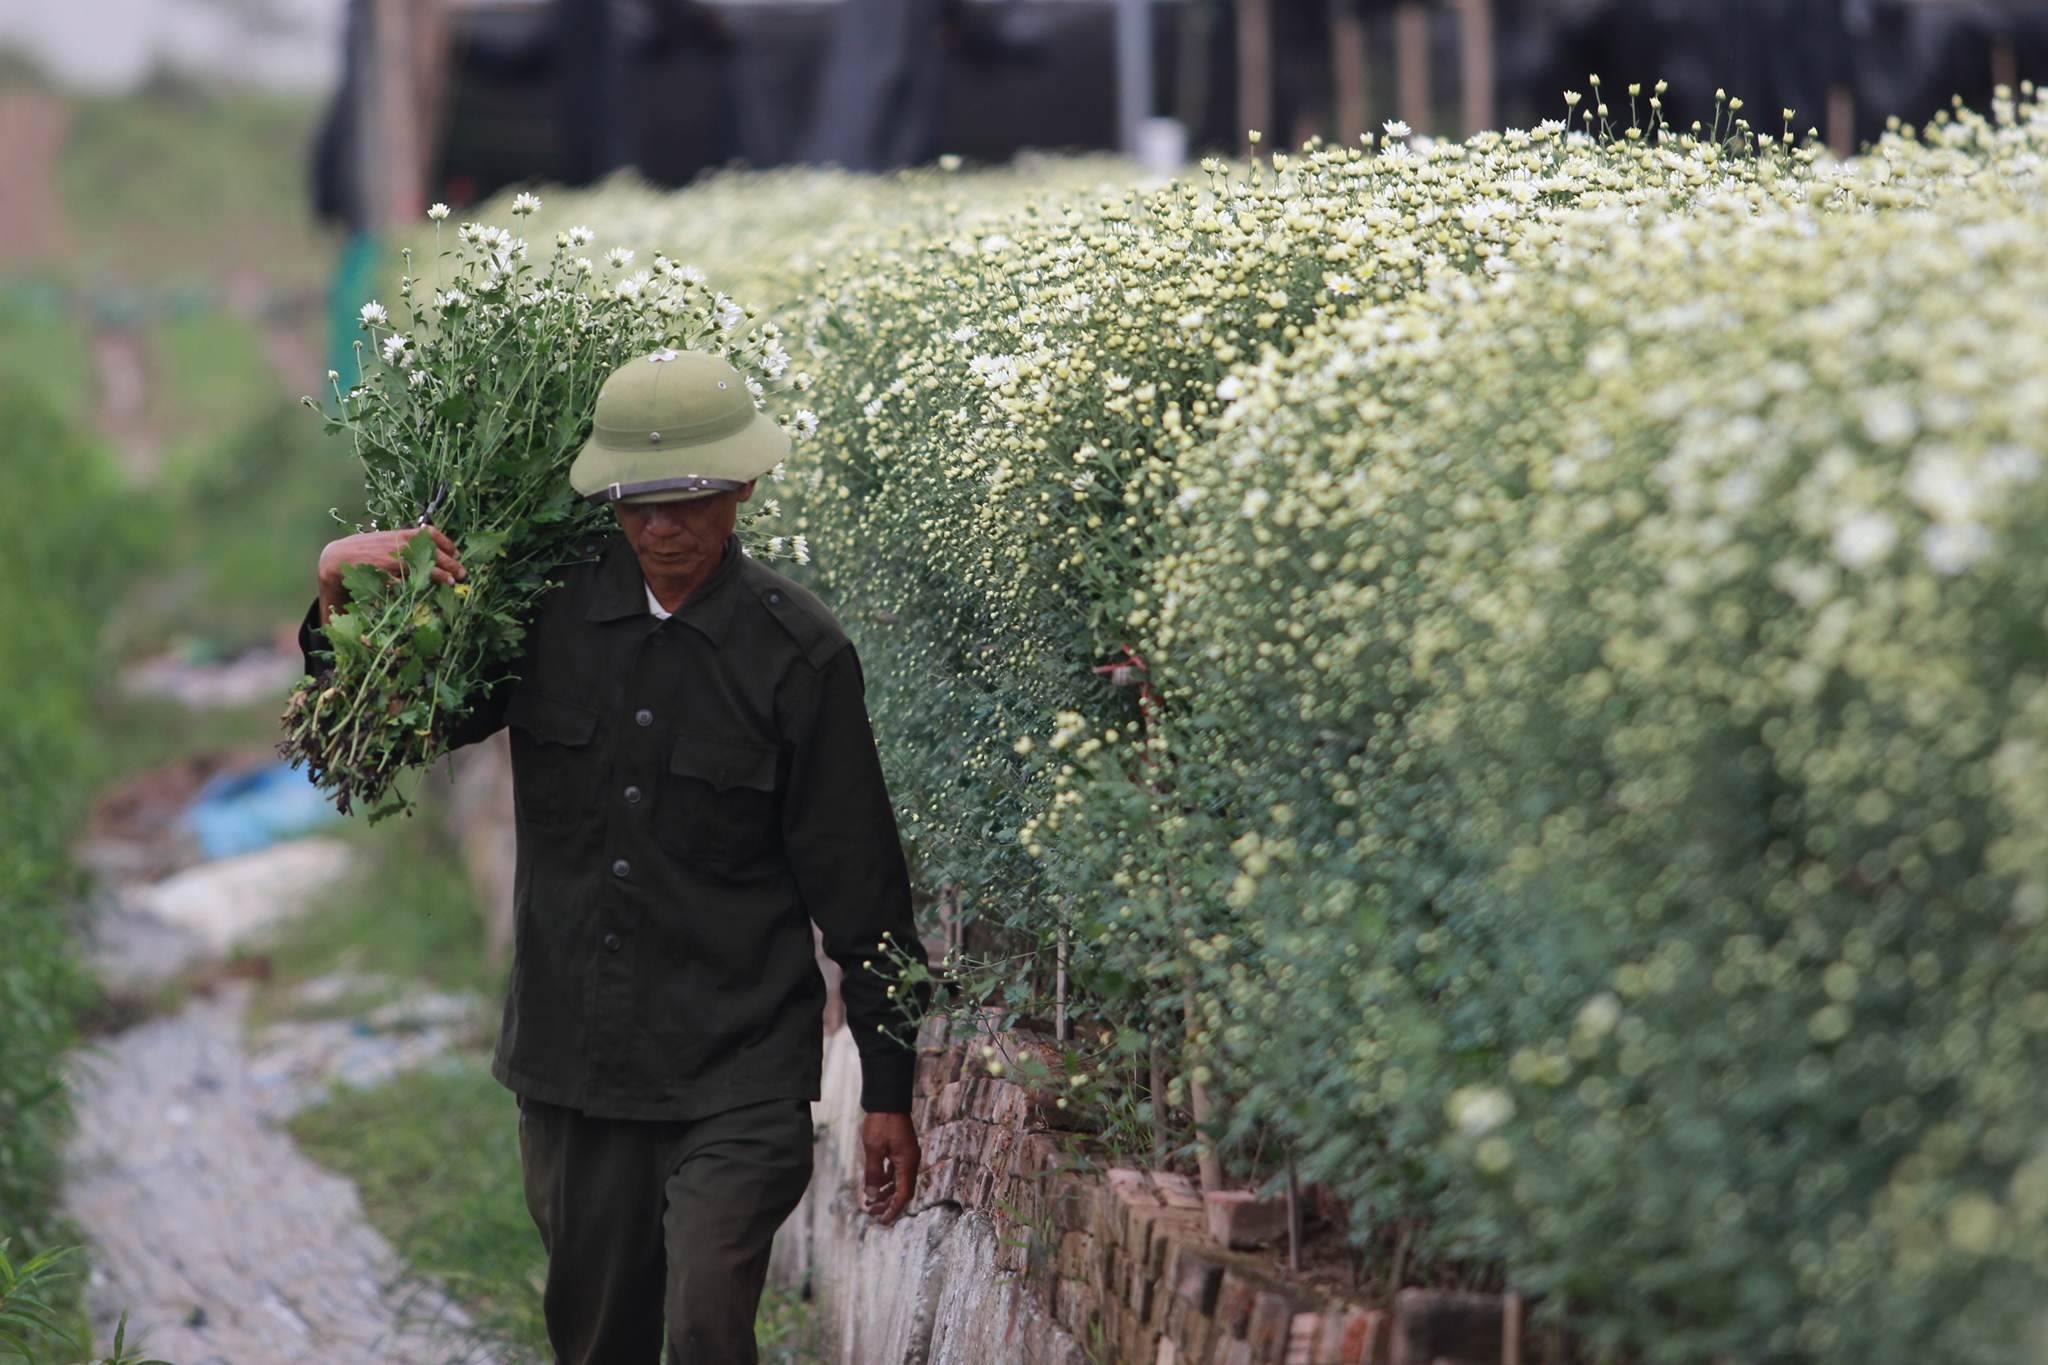 cúc họa mi,vườn hoa nhật tân,nông dân làm giàu